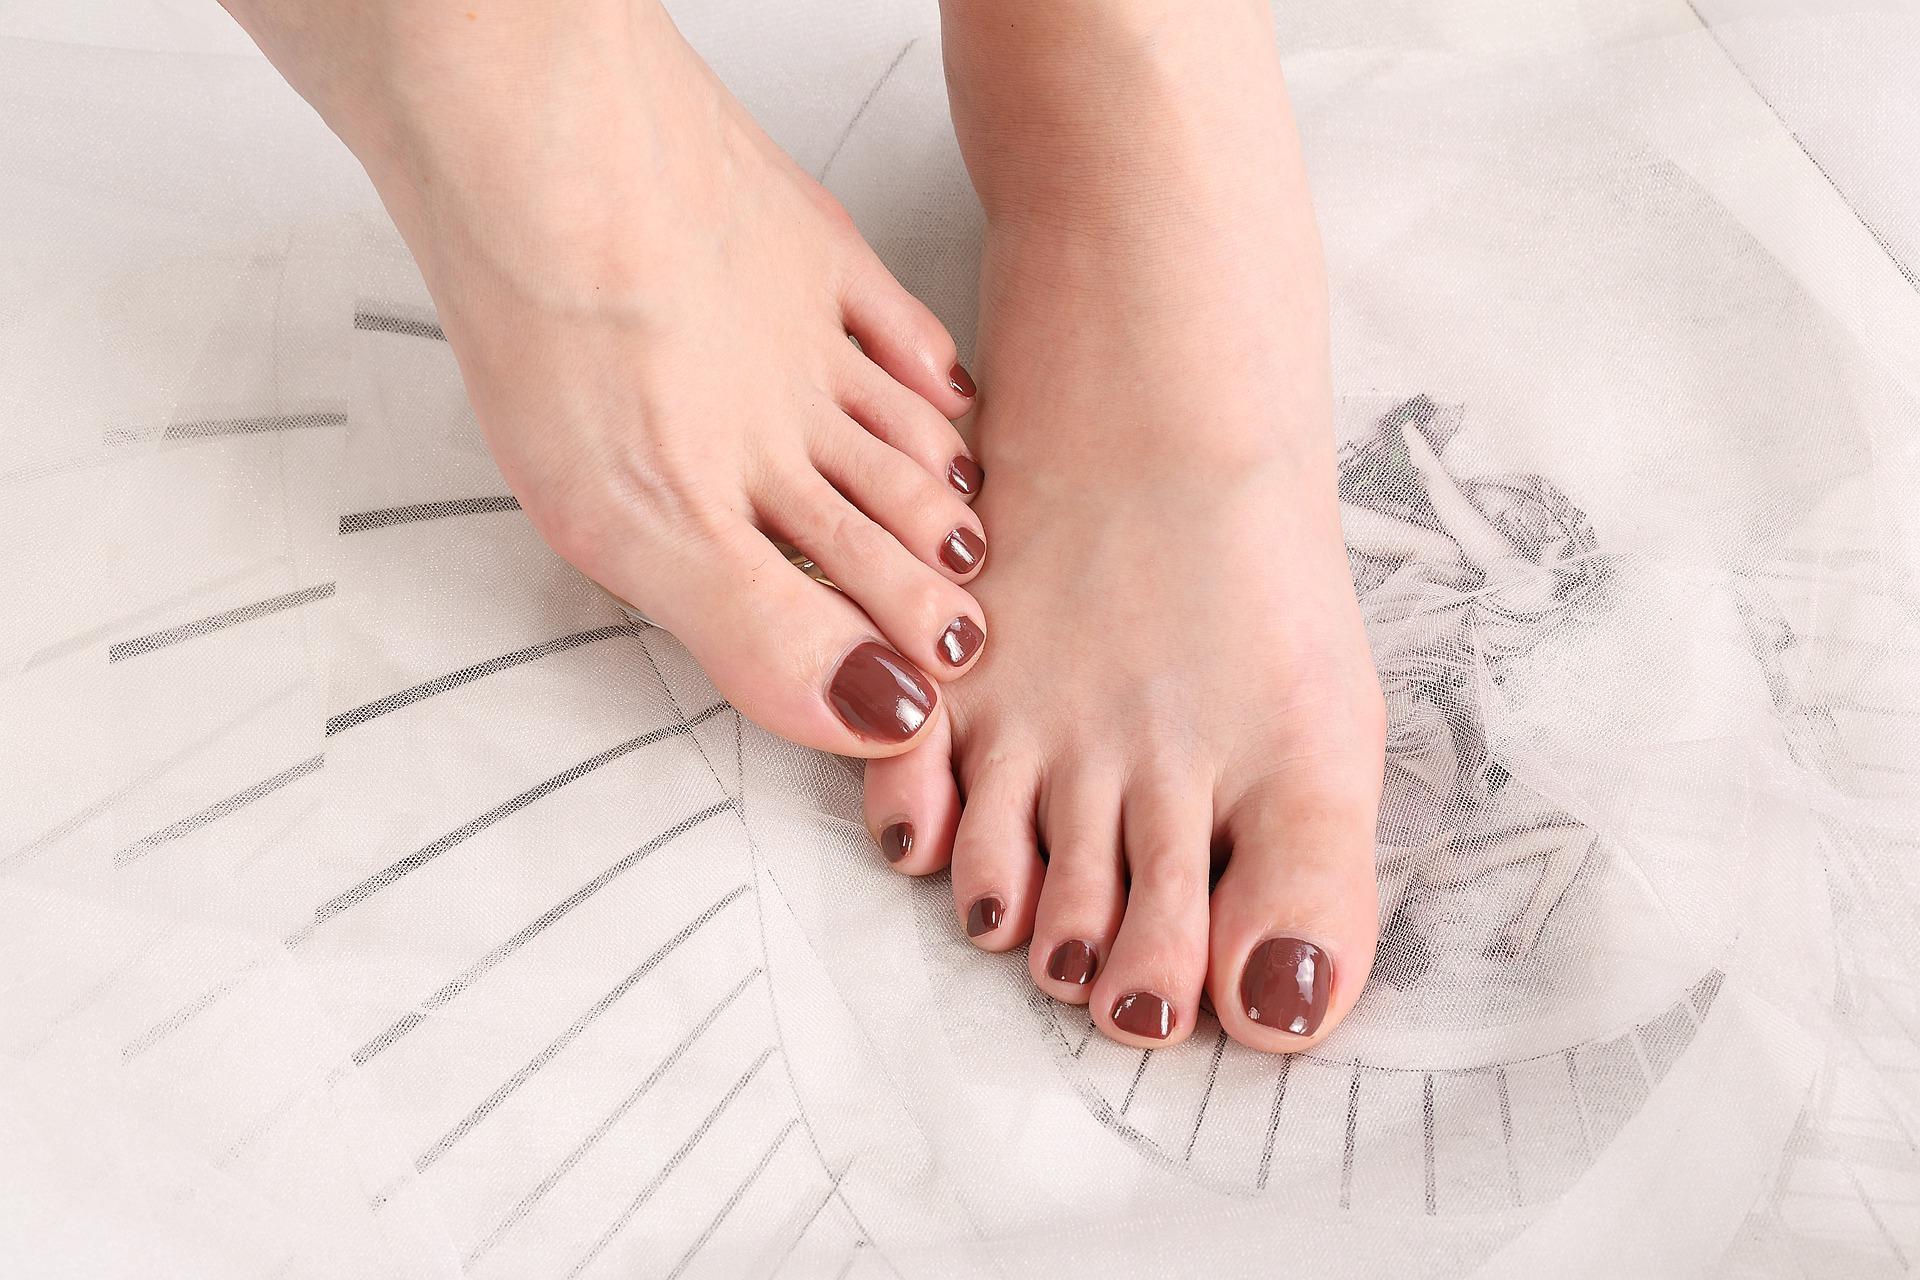 Как сделать дома красивый модный педикюр, сохранить ноги презентабельными в любое время года и без дополнительных затрат?